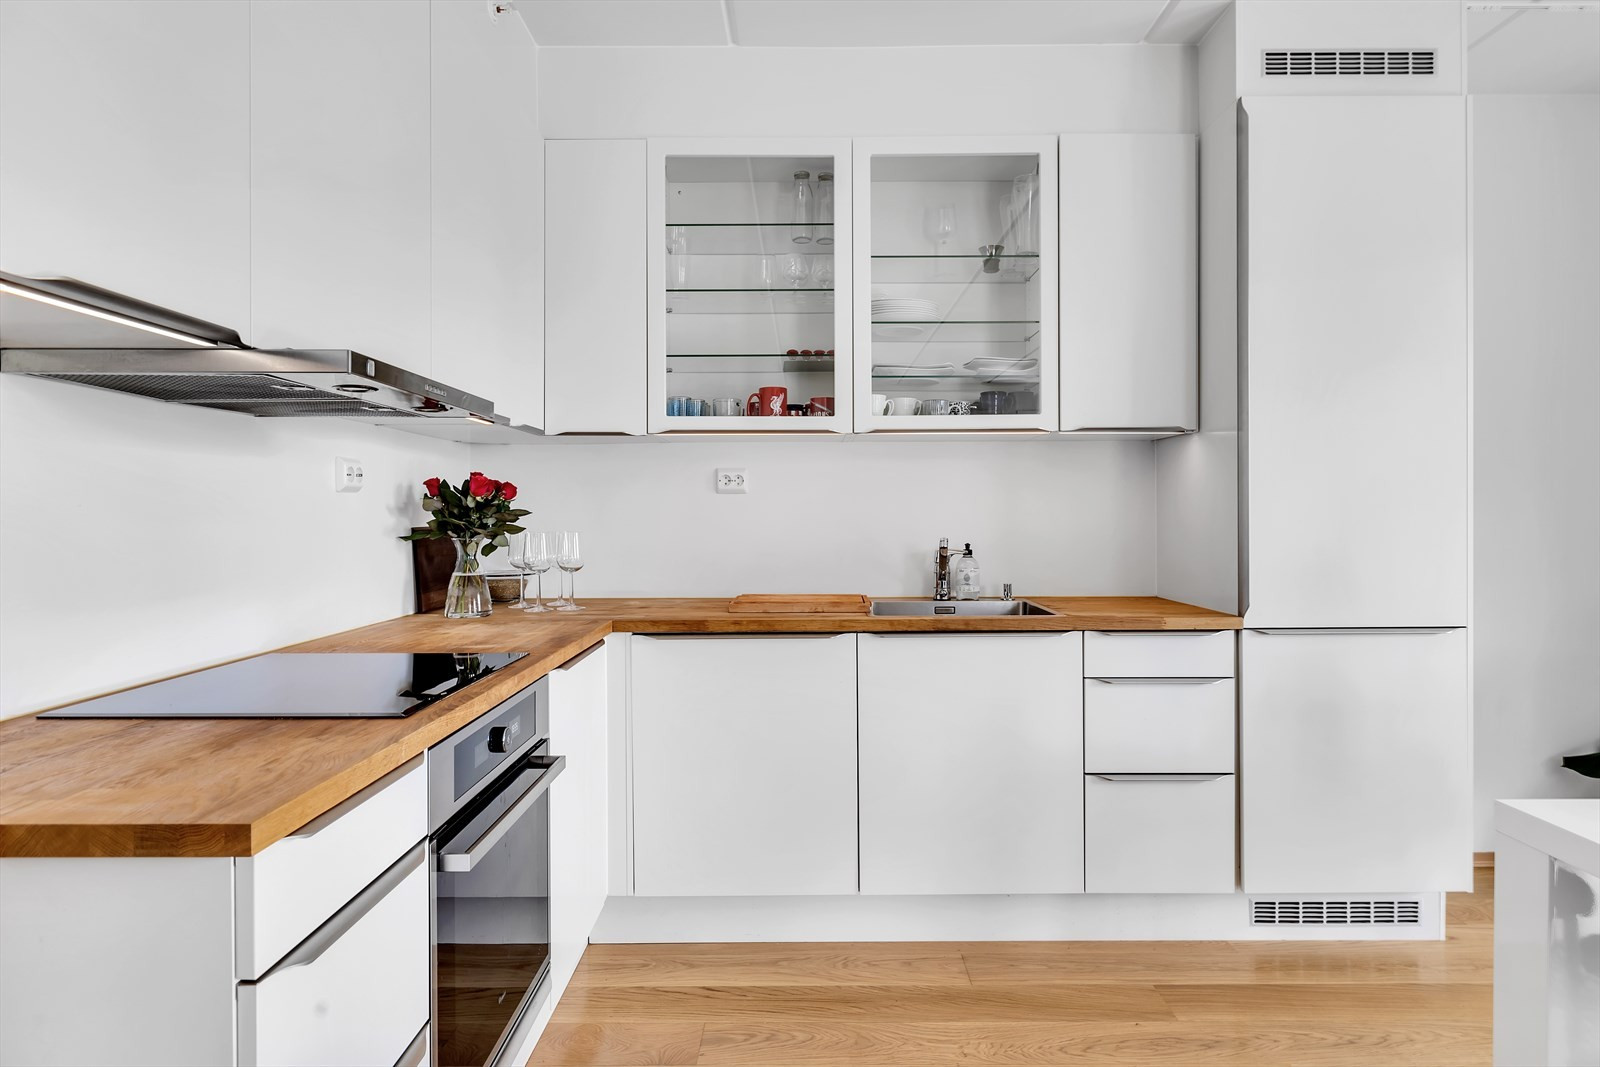 HTH kjøkken med heltre benkeplate og integrerte hvitevarer